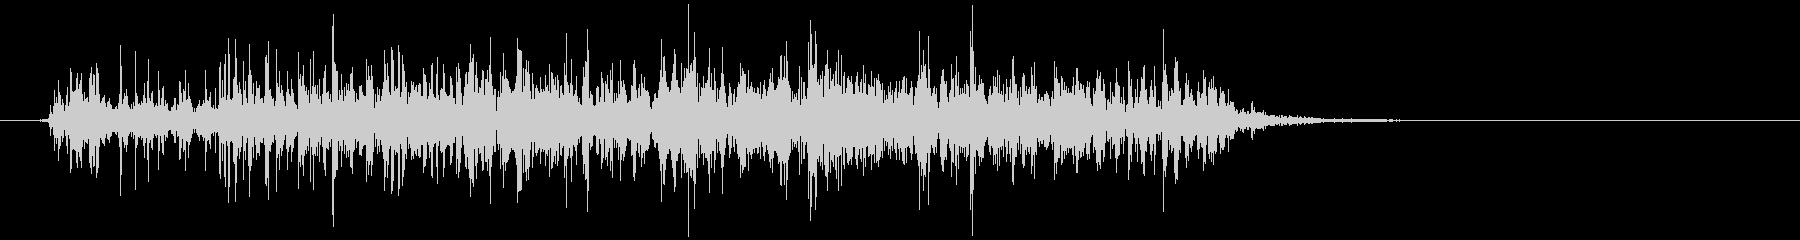 シェービングクリーム (ジュワゥ)の未再生の波形